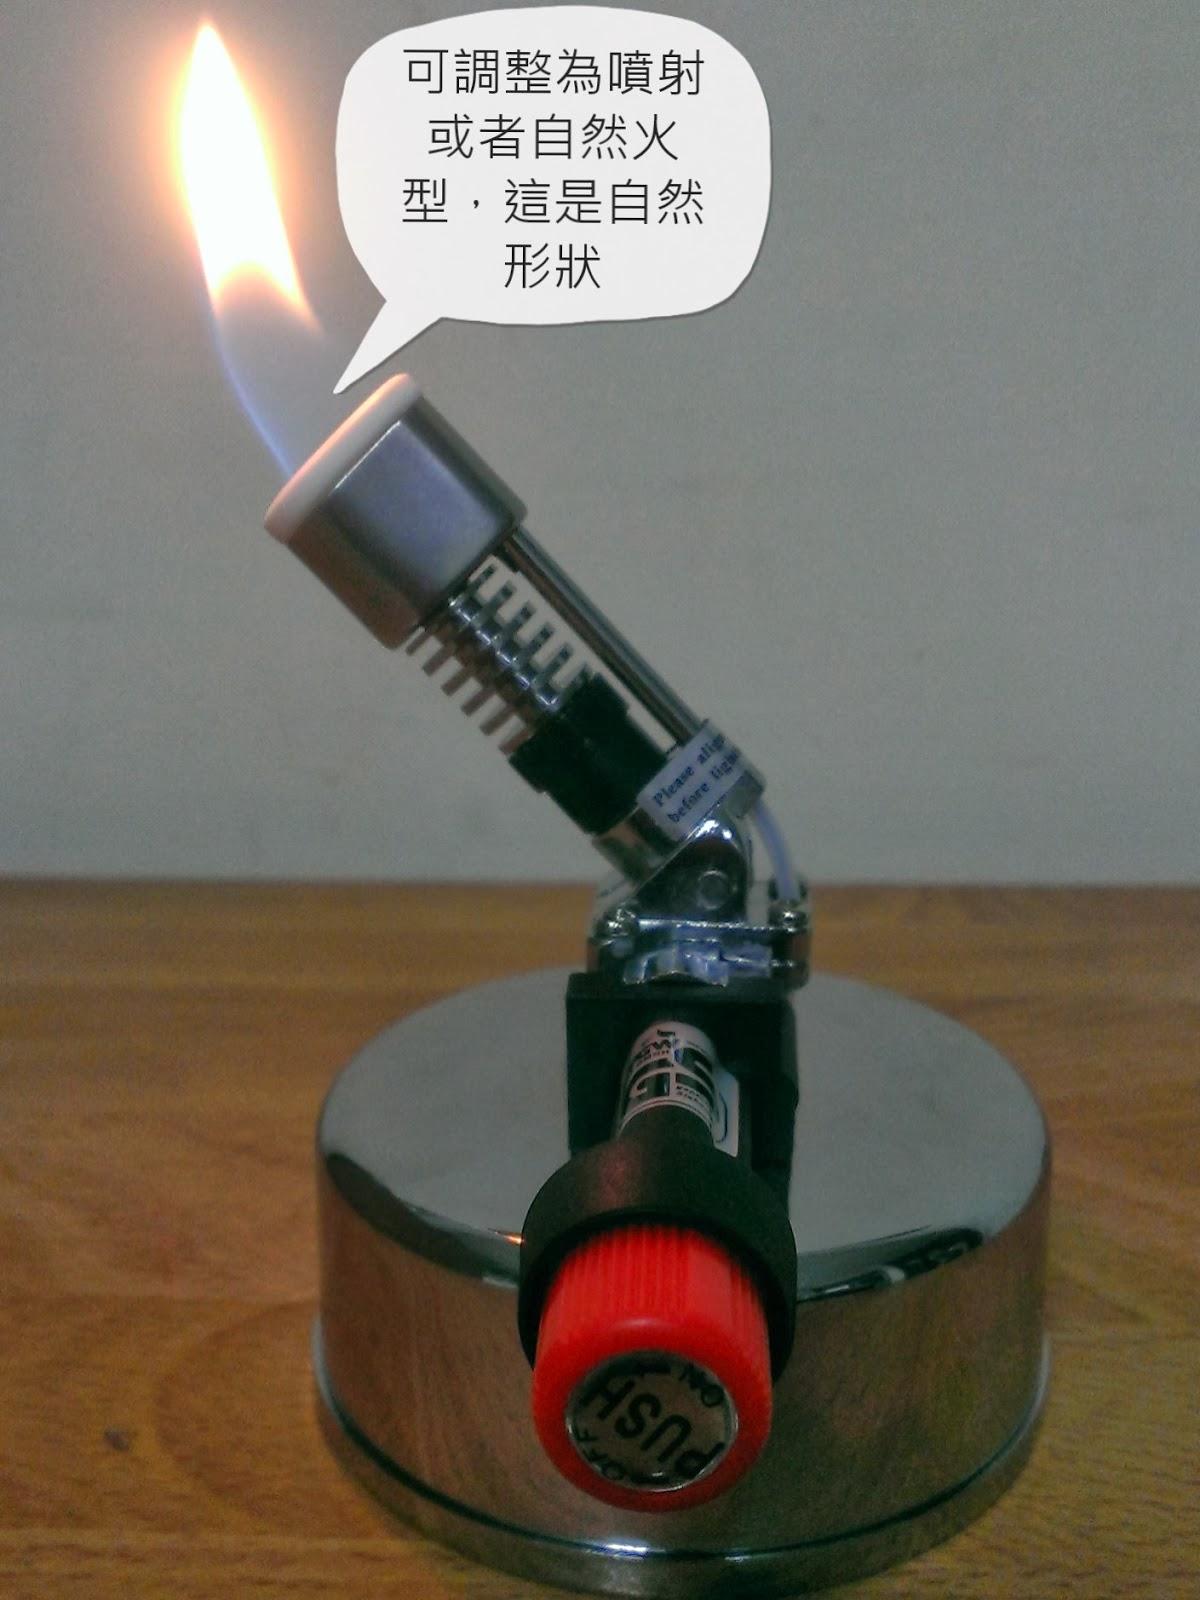 東昇化工原料儀器行++實驗室服務專家++: 本生燈